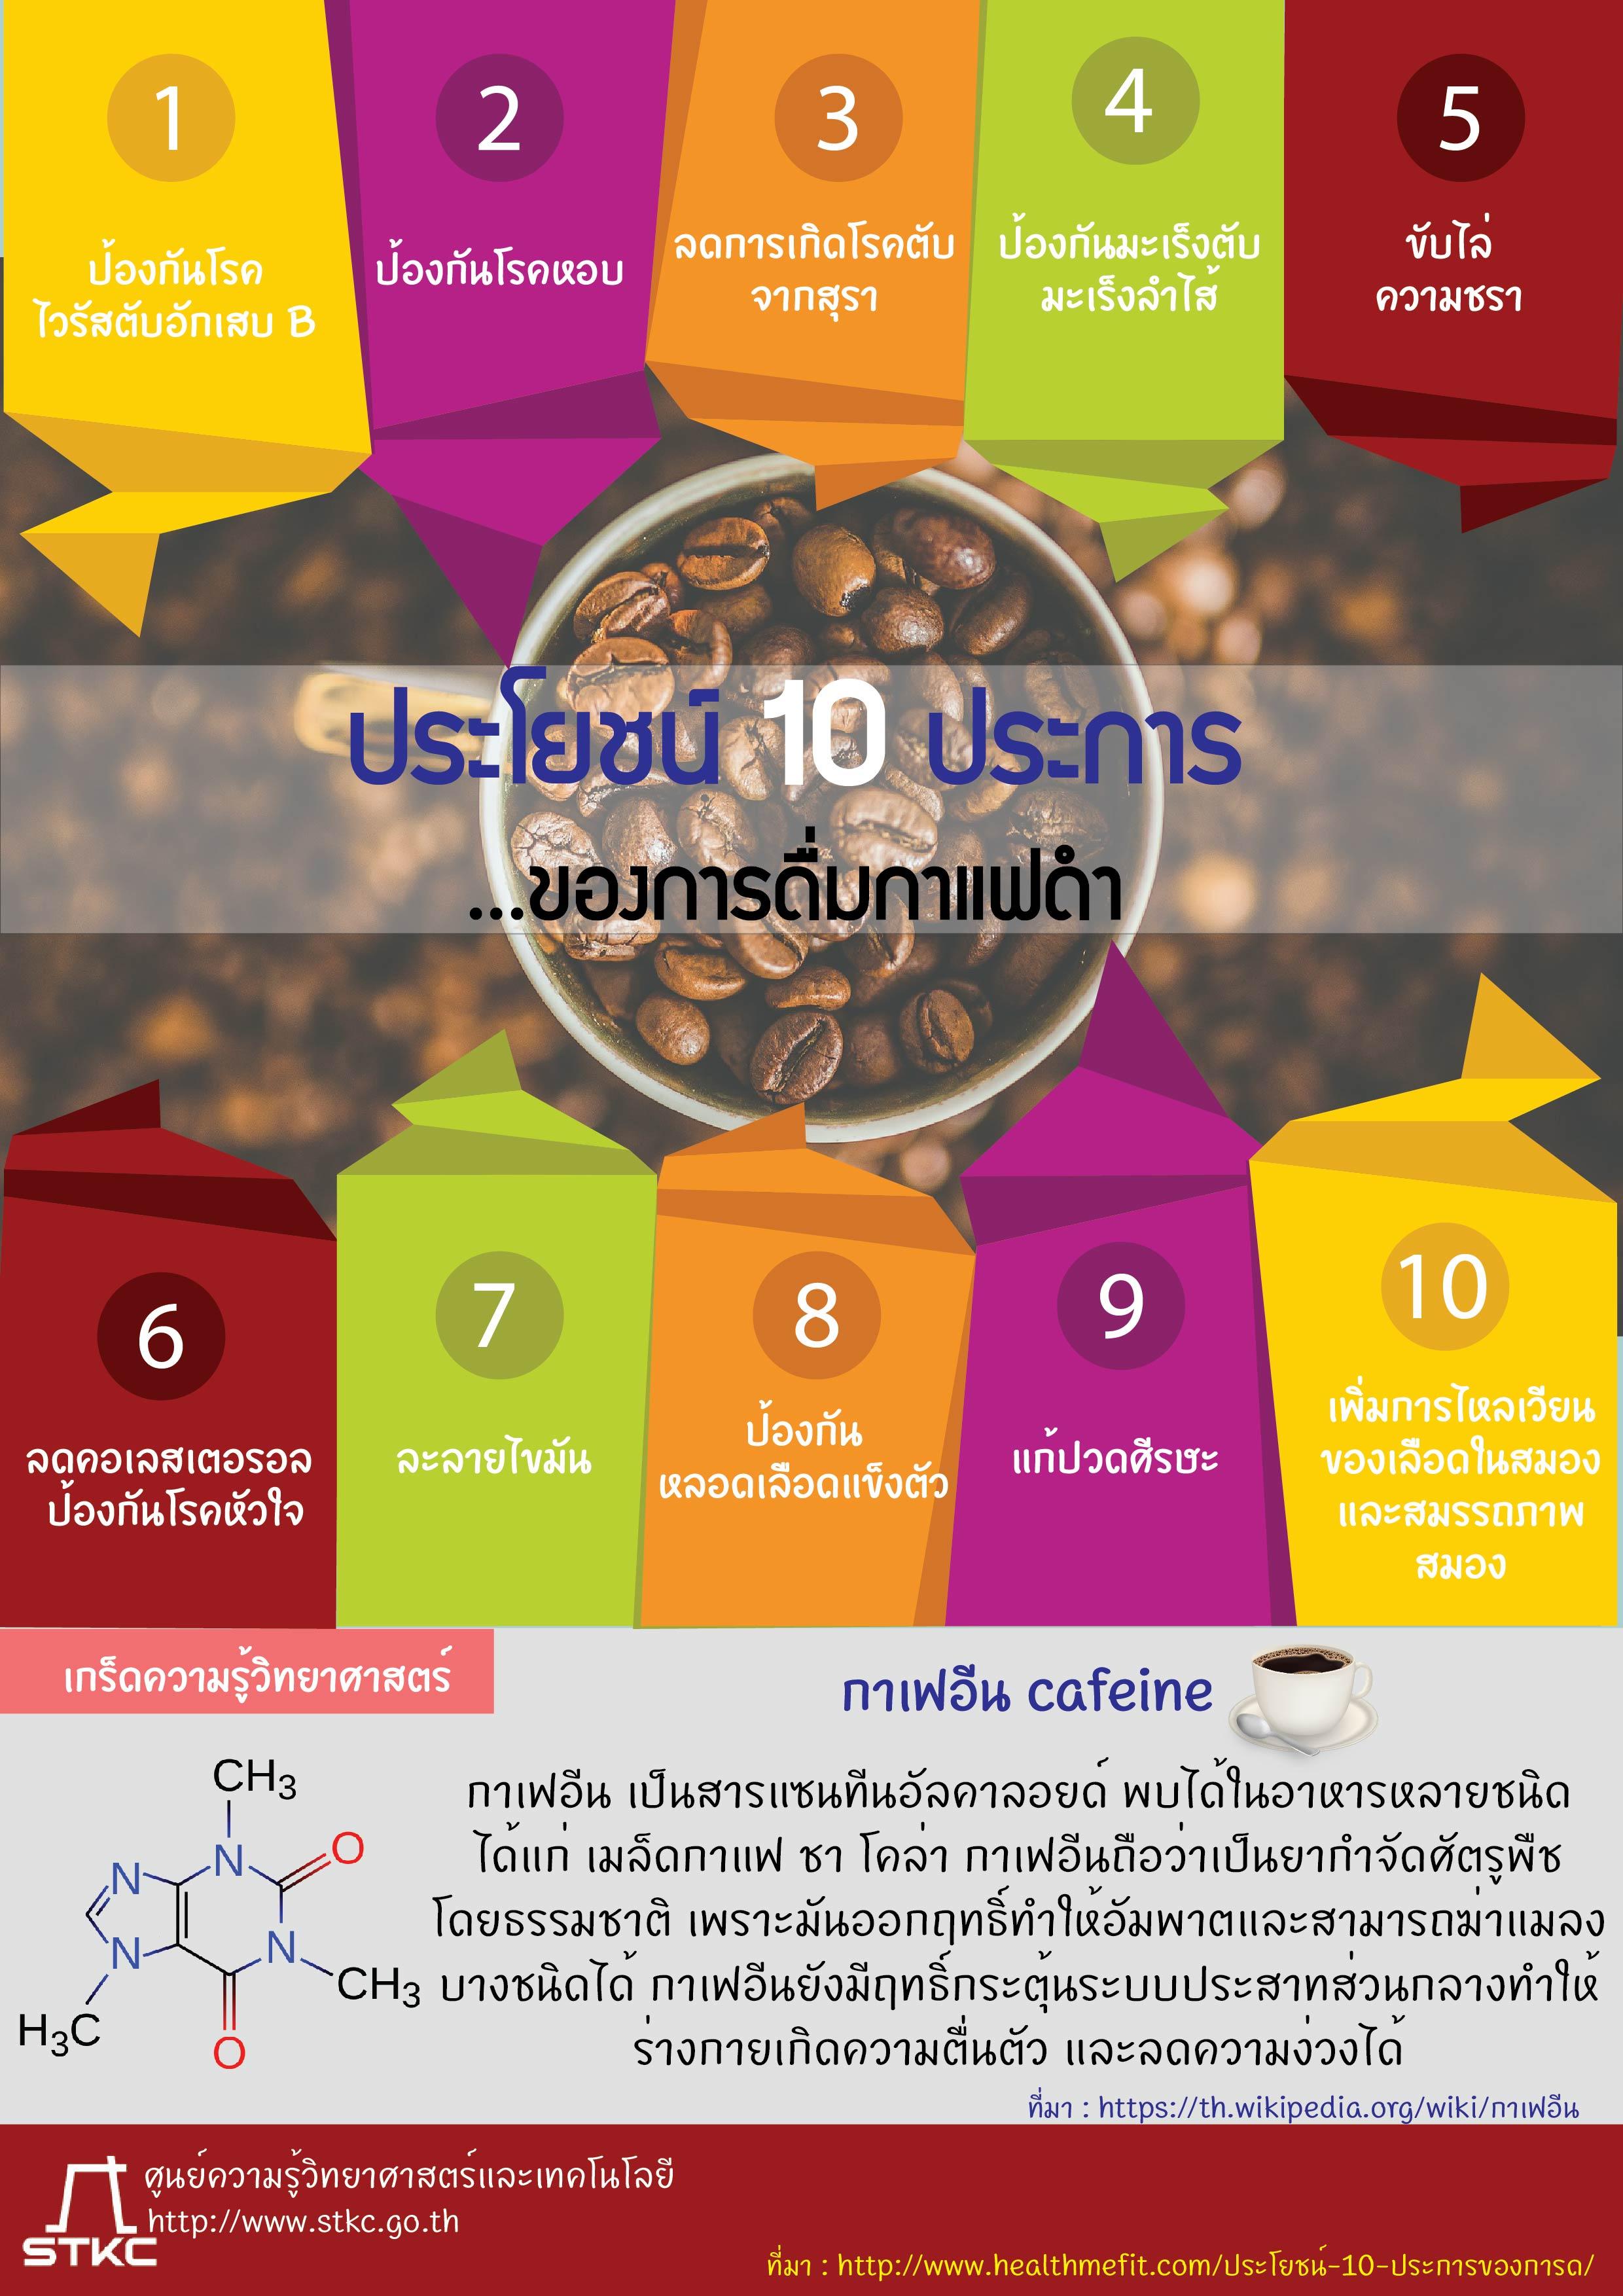 ประโยชน์ 10 ประการของการดื่มกาแฟดำ